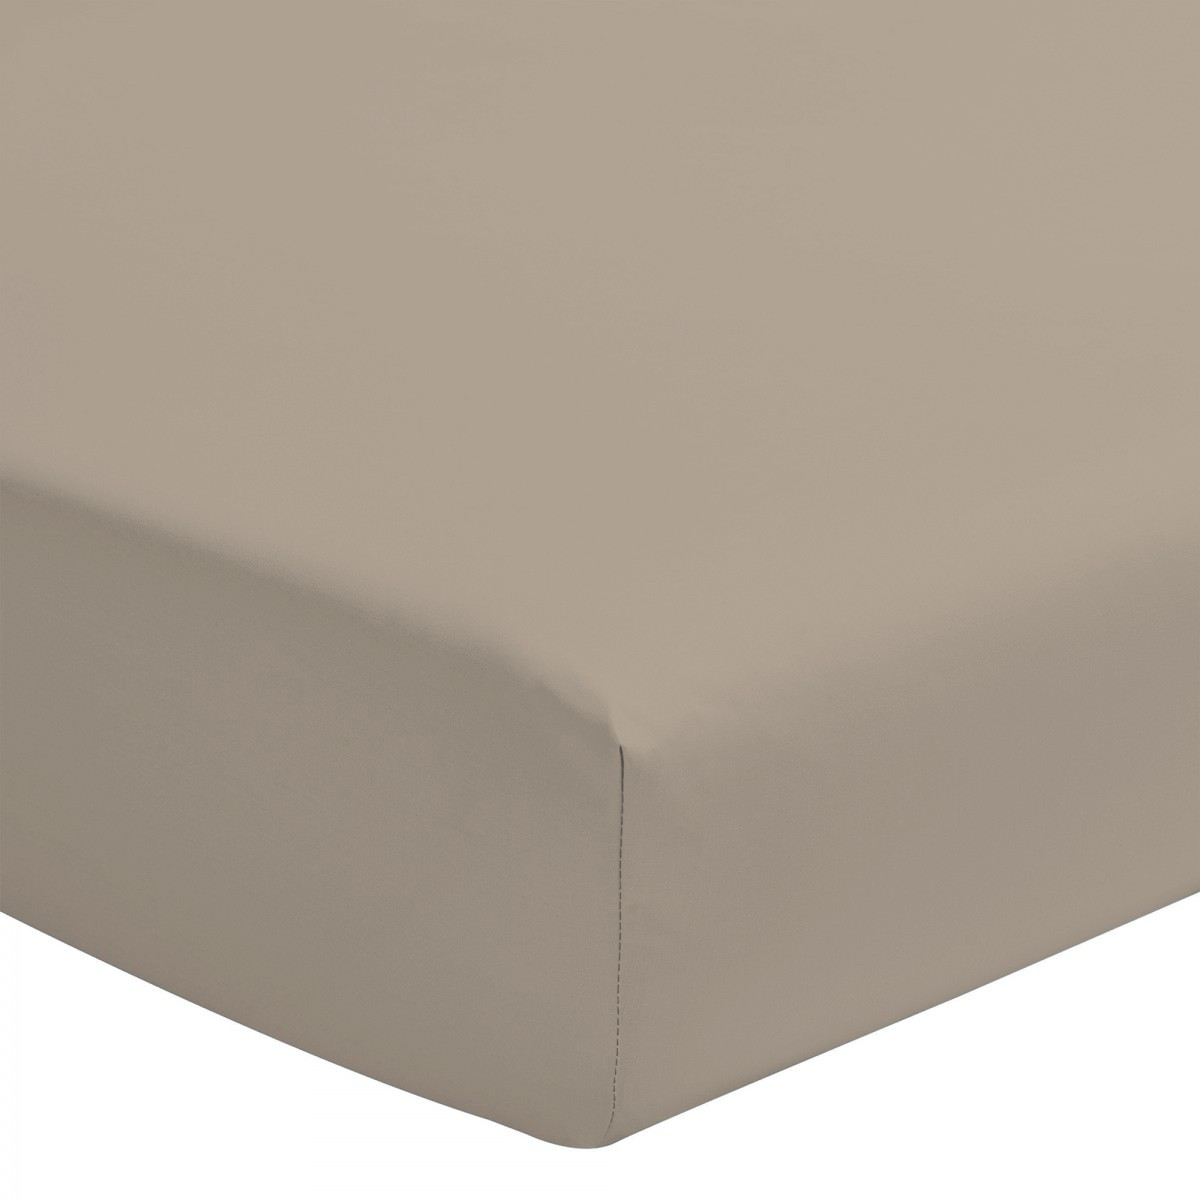 Drap Housse Uni 100% Coton Bonnet 25cm Beige Foncé 90x190cm